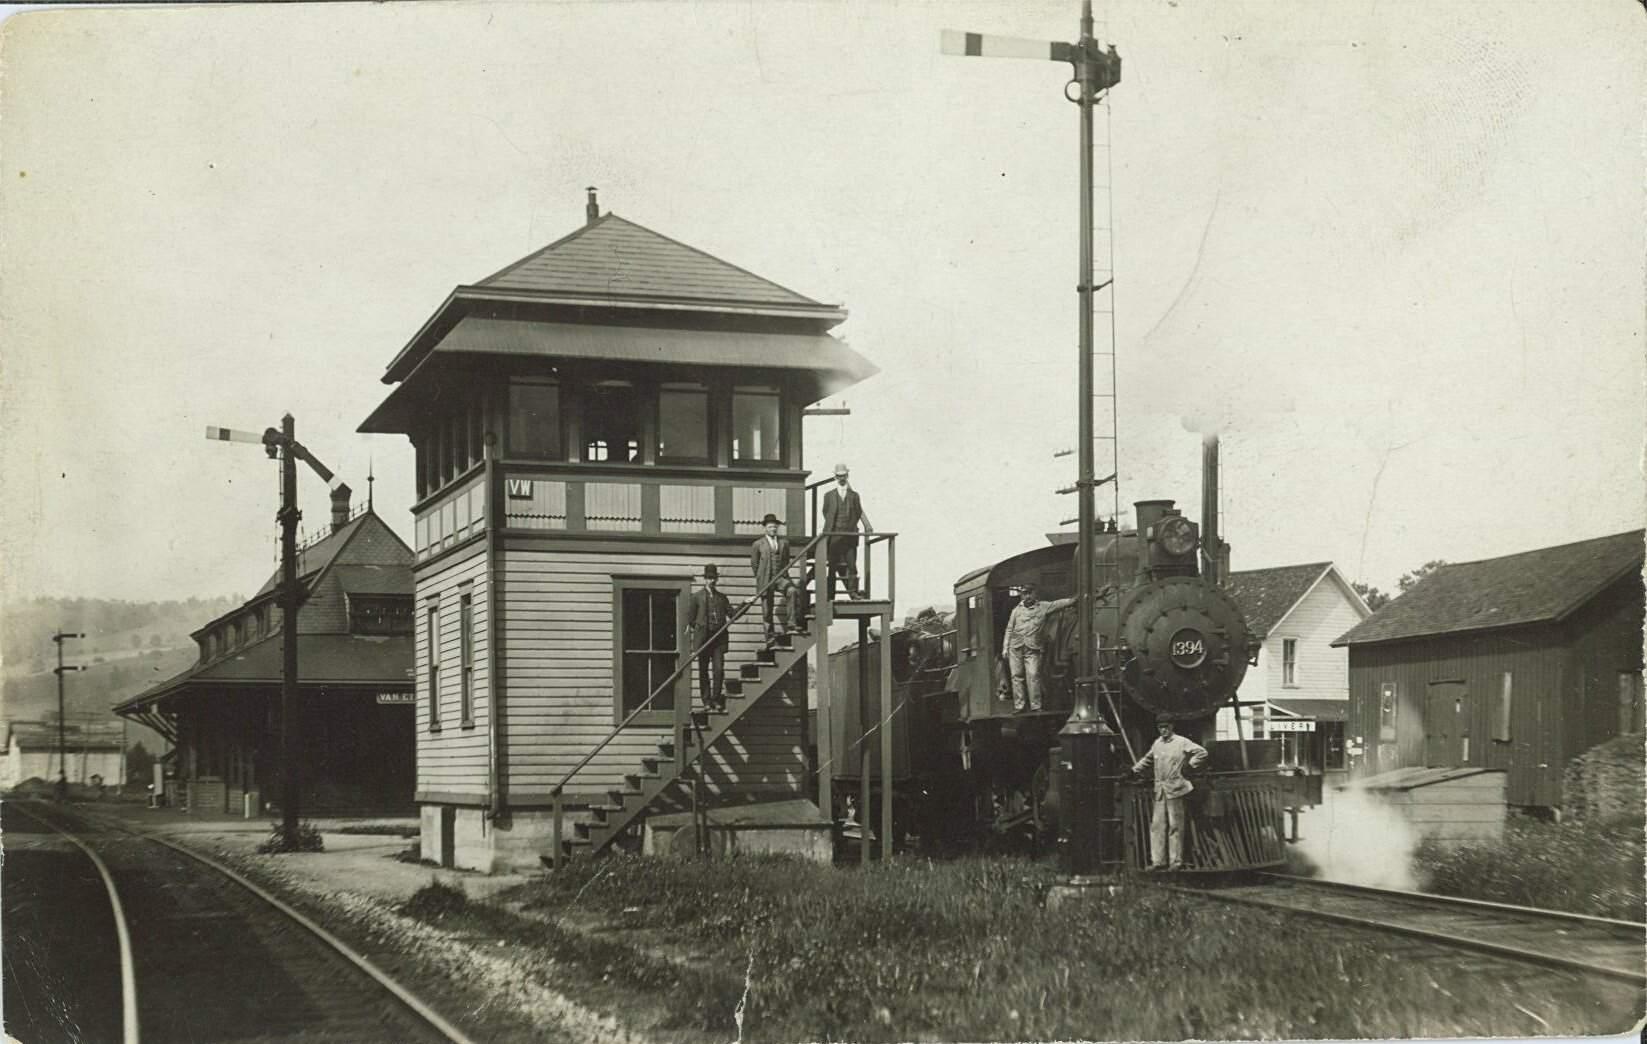 Van Etten, N.Y. Junction